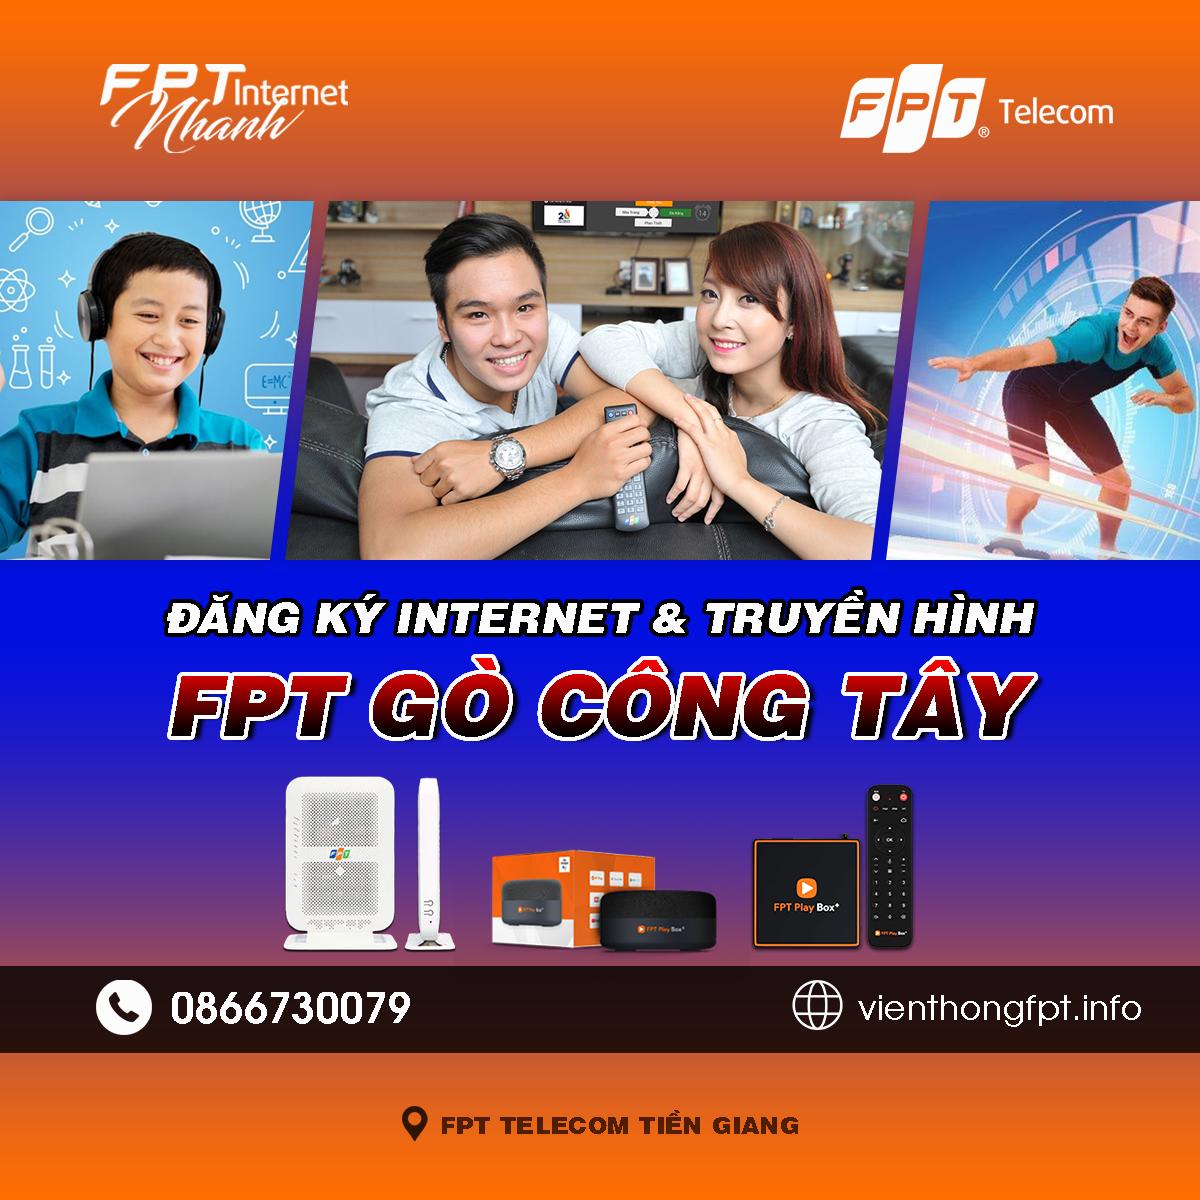 Chi nhánh FPT Gò Công Tây - Tổng đài lắp mạng Internet cáp quang